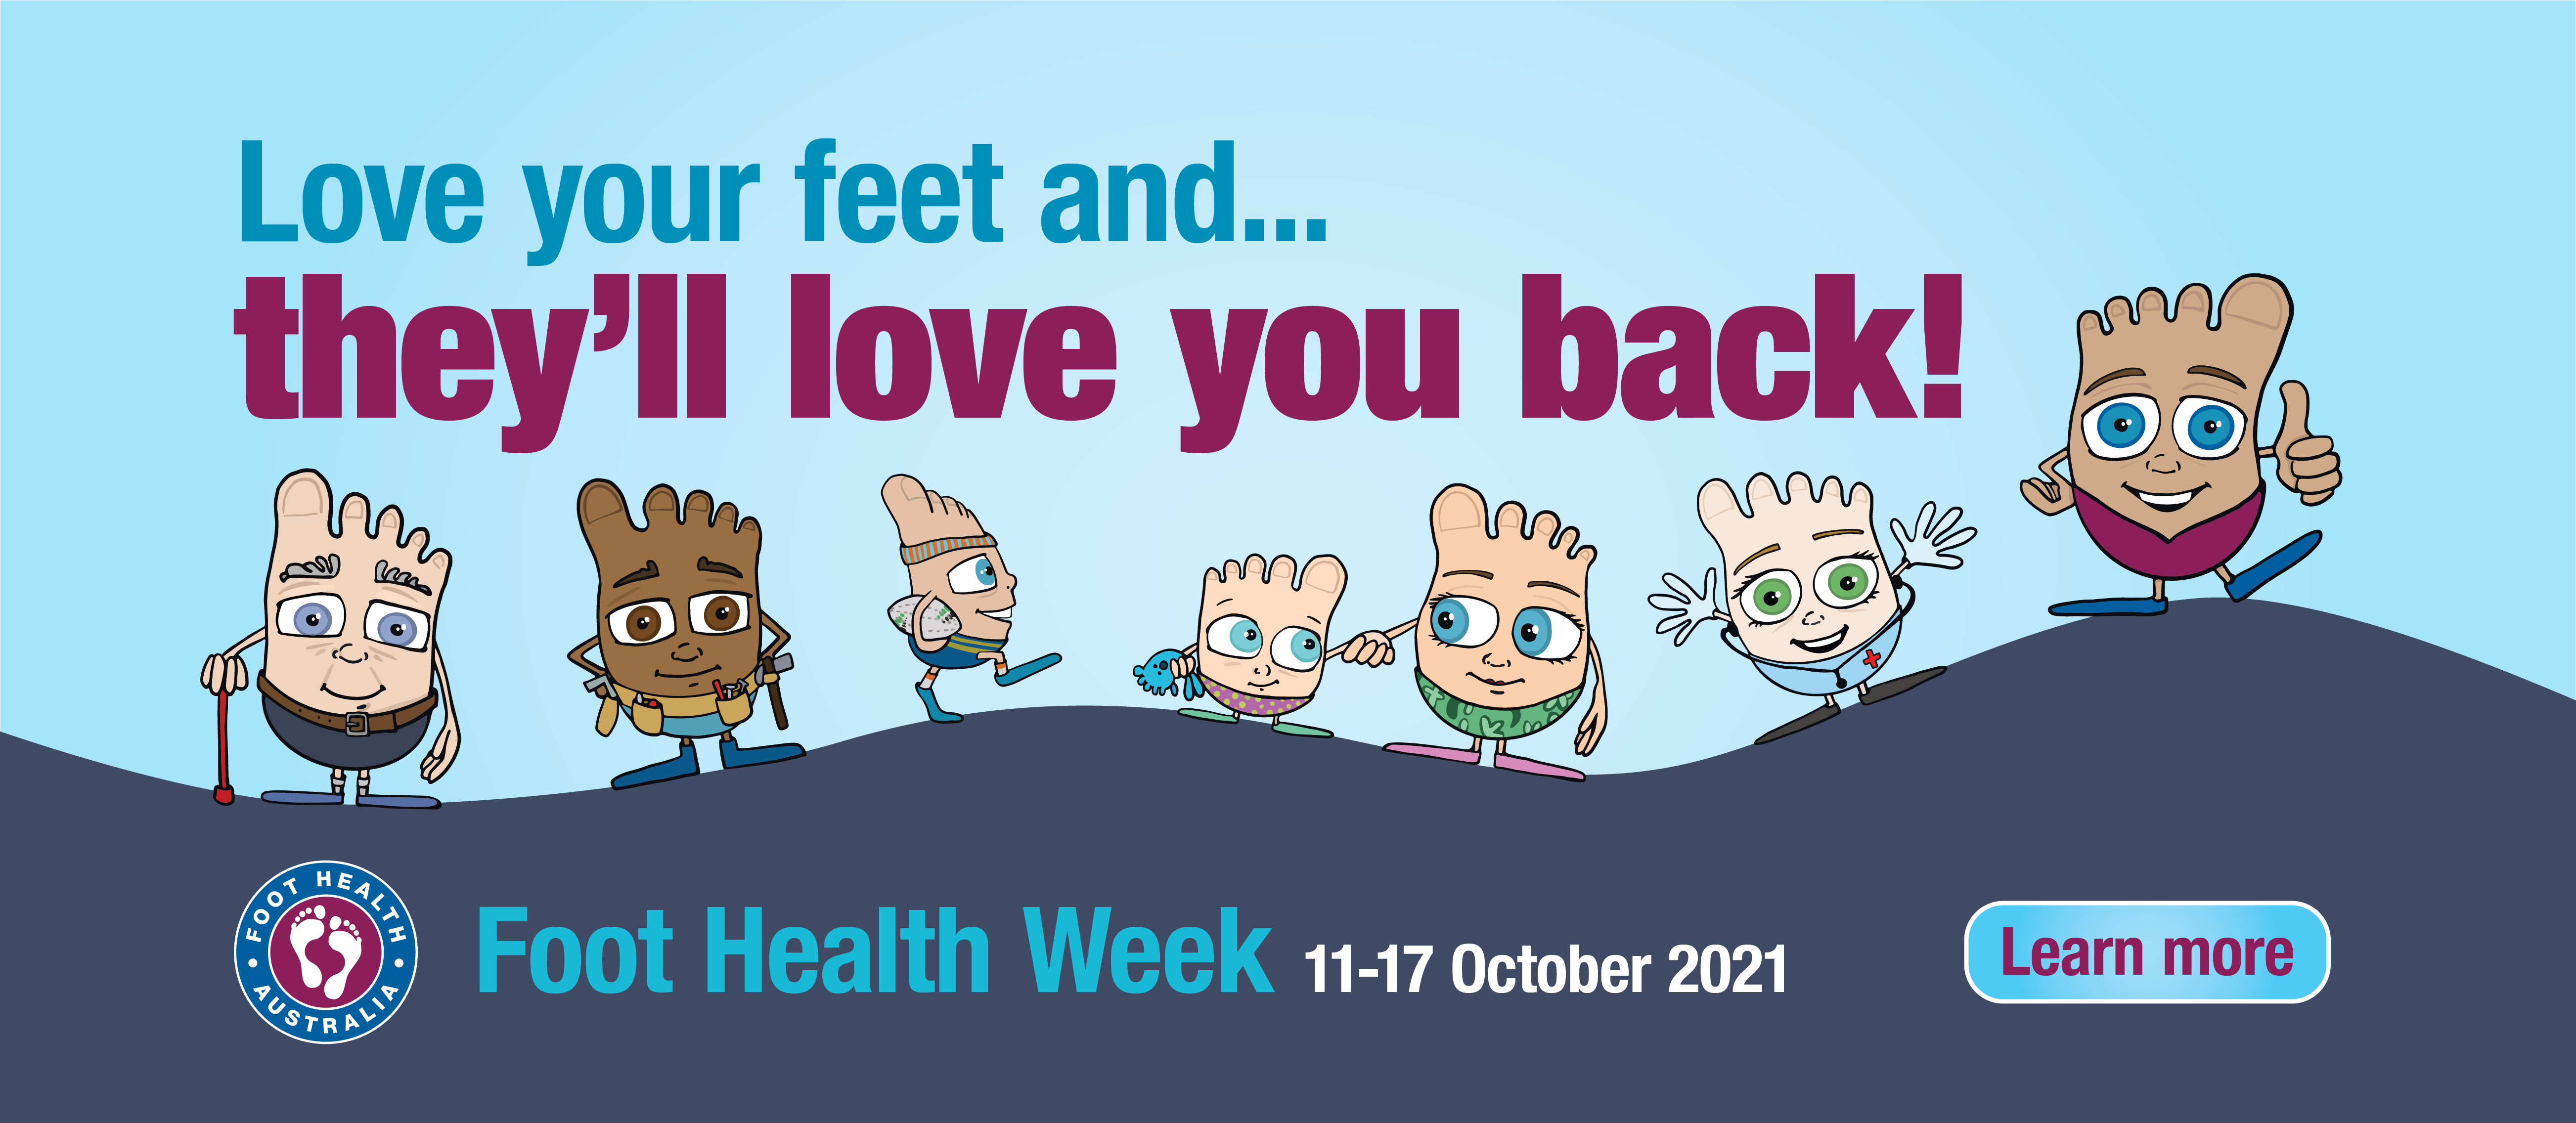 Foot Health Week 2021